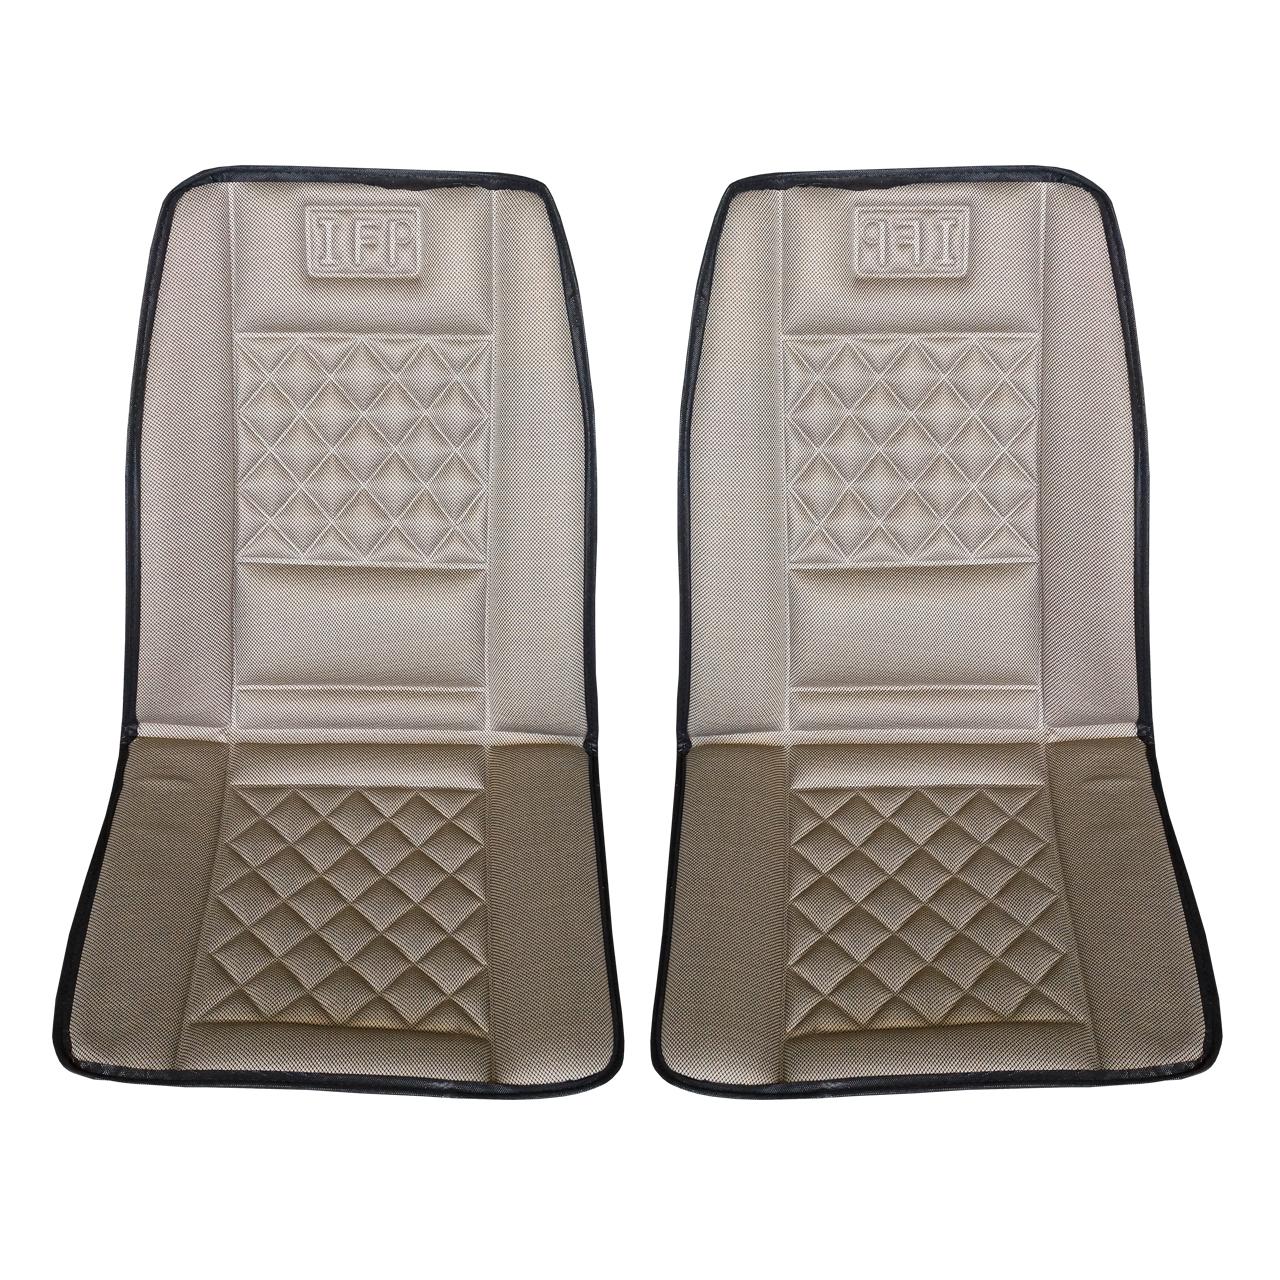 پشتی صندلی خودرو آی اف پی مدل P003 بسته 2 عددی